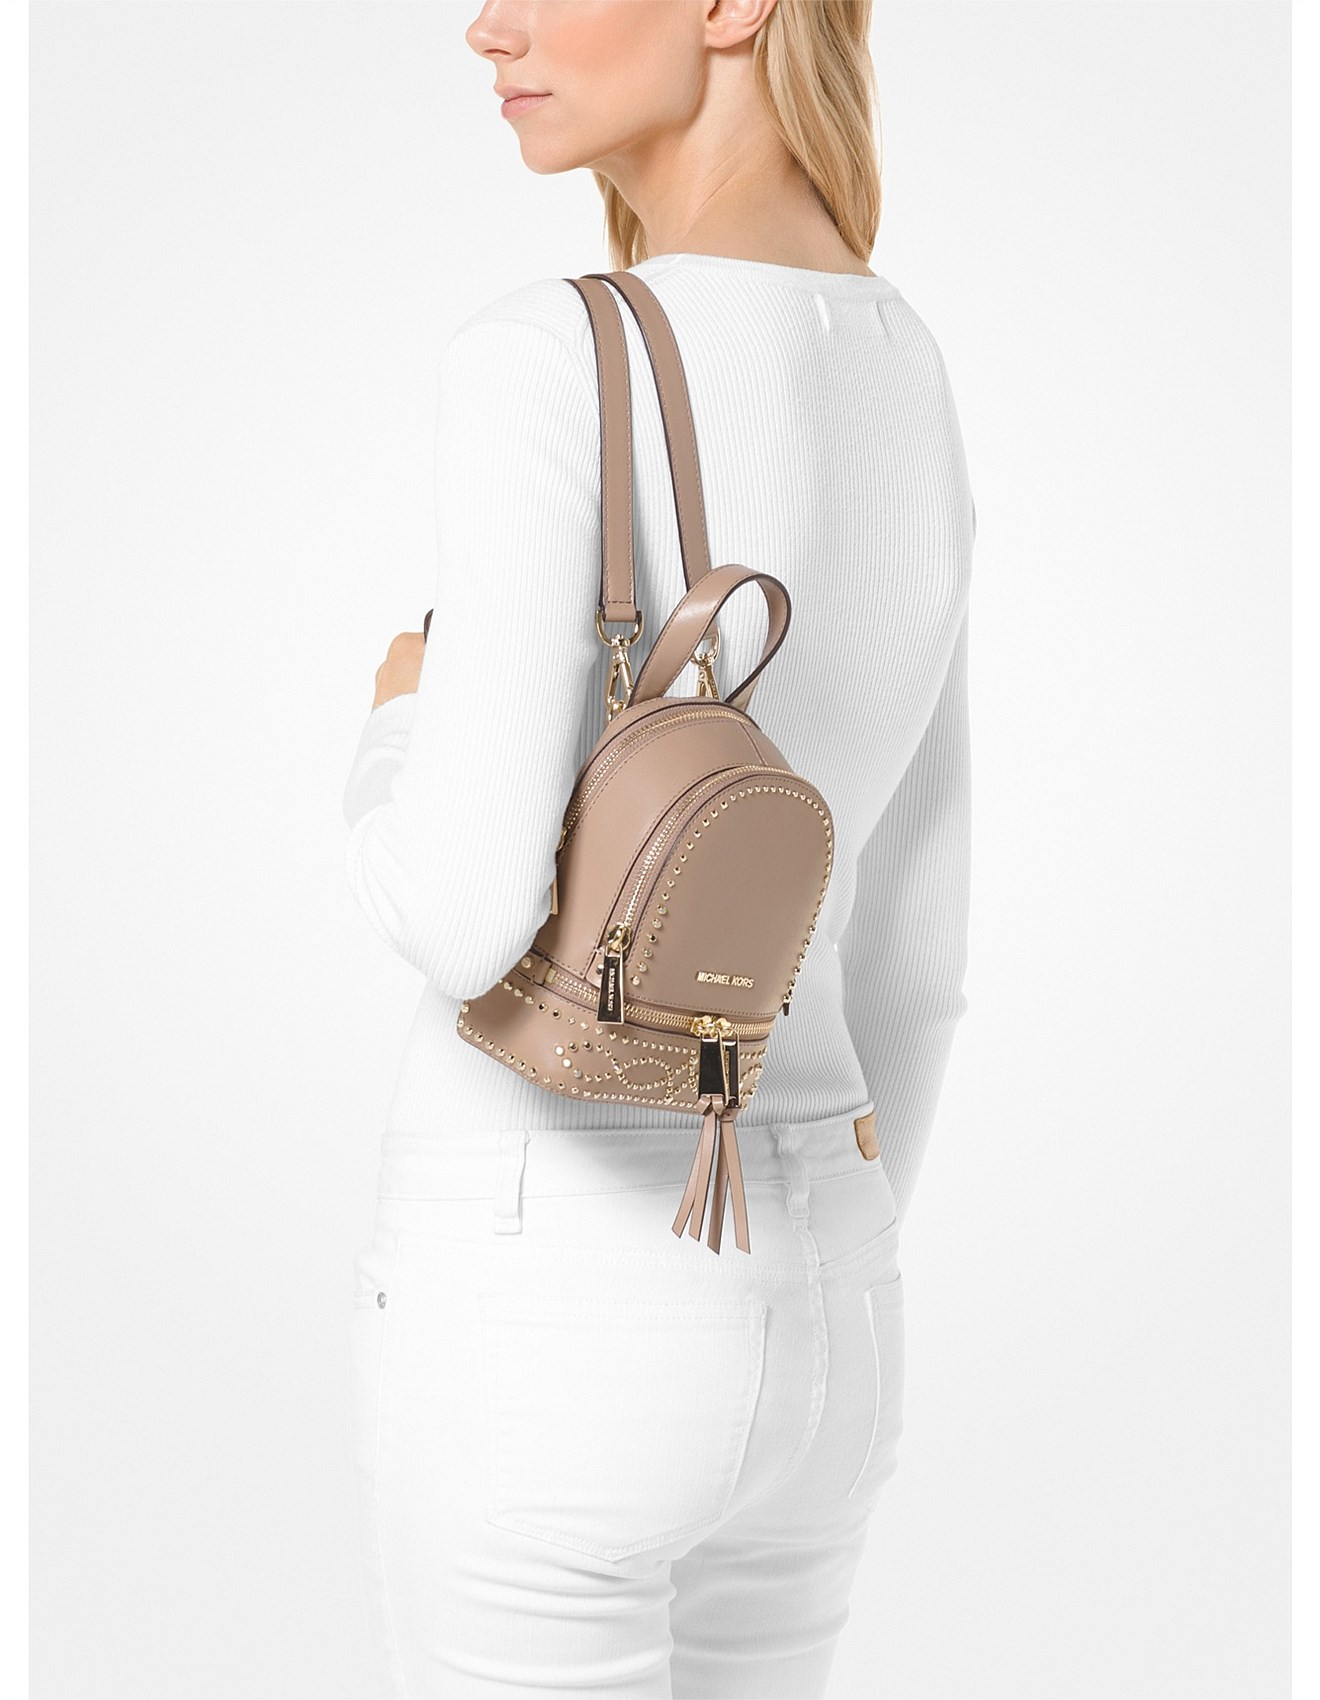 3d240d80cfc4 Men's Bags | Backpacks, Satchels & More | David Jones - Rhea Mini ...